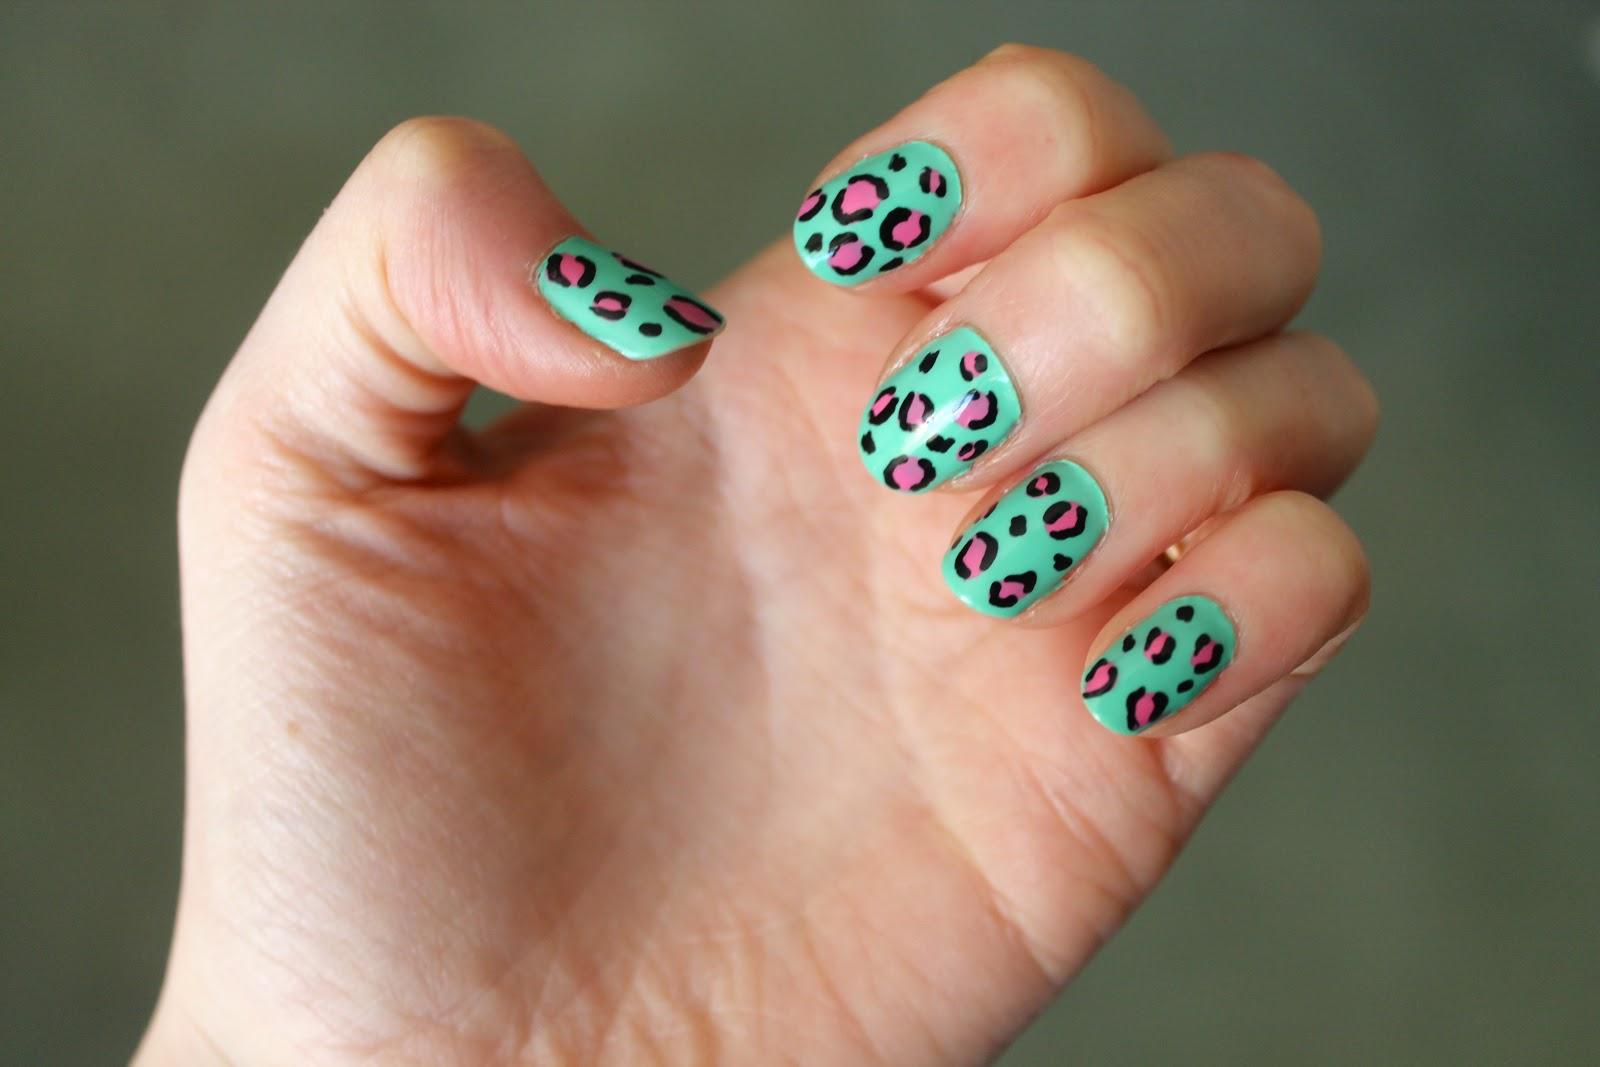 Cheetah Print With A Colourful Twist Nail Art